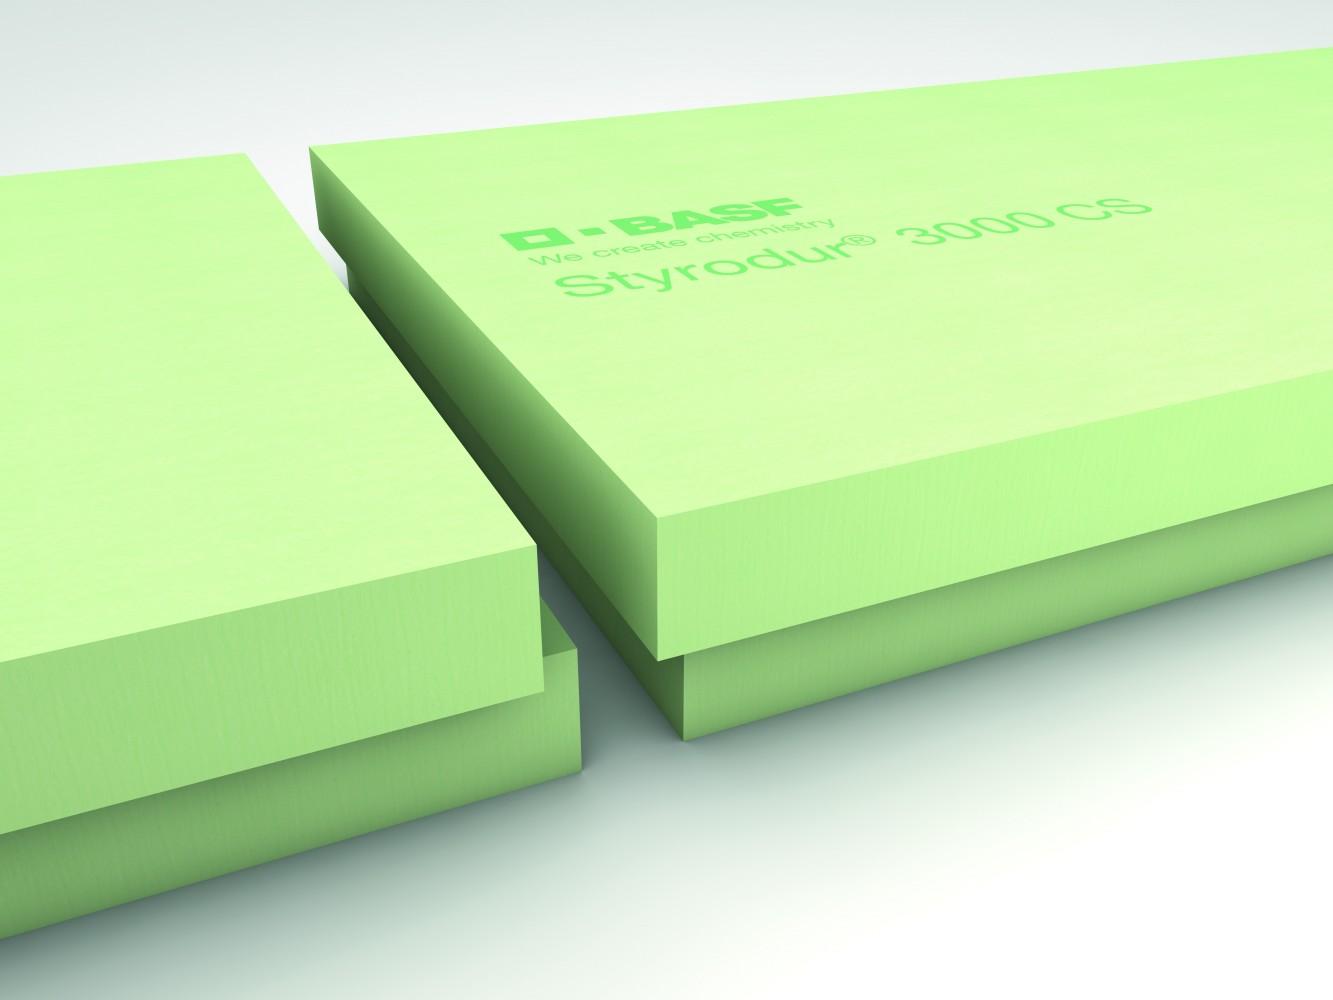 styrodur 3000 cs panneau polystyr ne bat e 1 25 x 0 60m tout faire mat riaux namur la. Black Bedroom Furniture Sets. Home Design Ideas